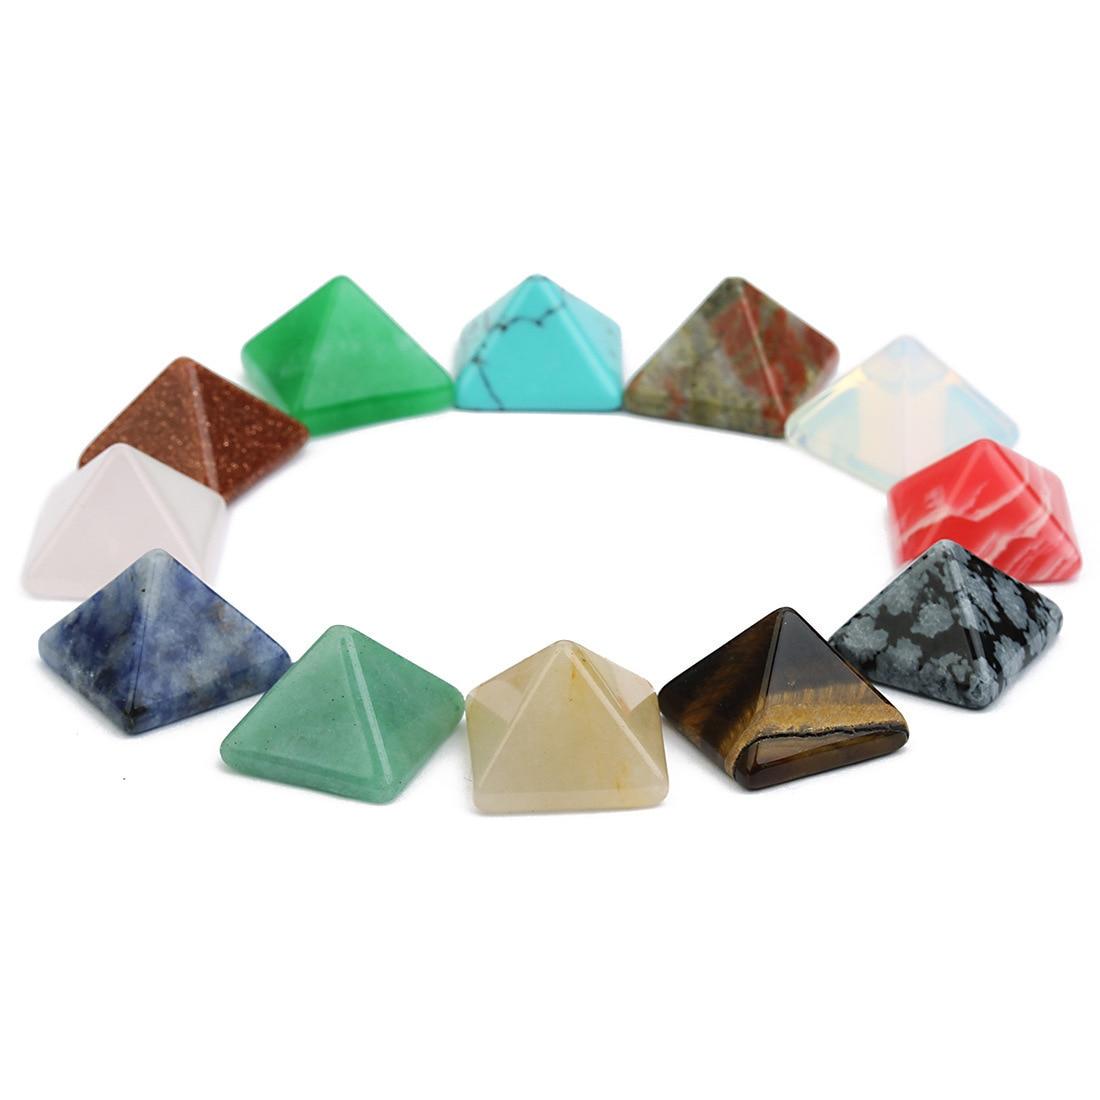 Lot de pyramides en pierres semi précieuses et cristaux, disposés en cercle